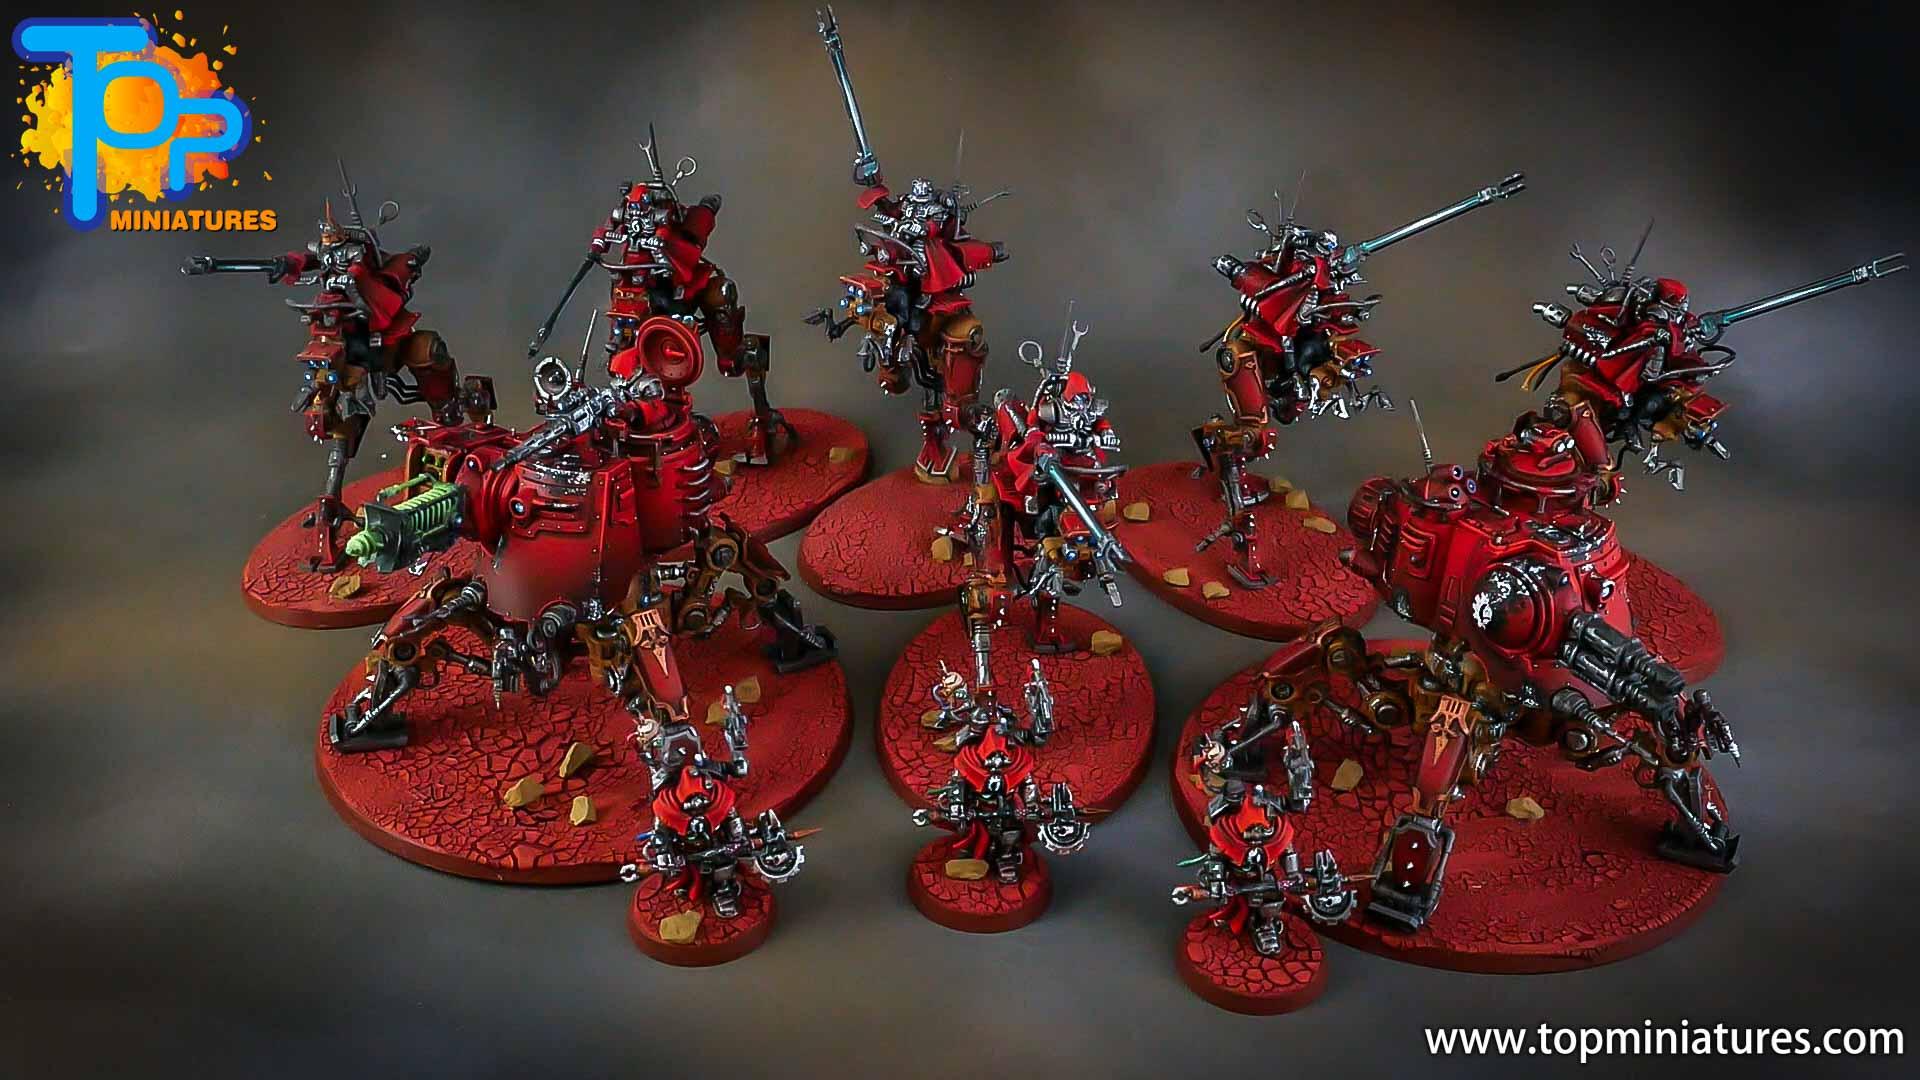 warhammer adeptus mechanicus skitarii army